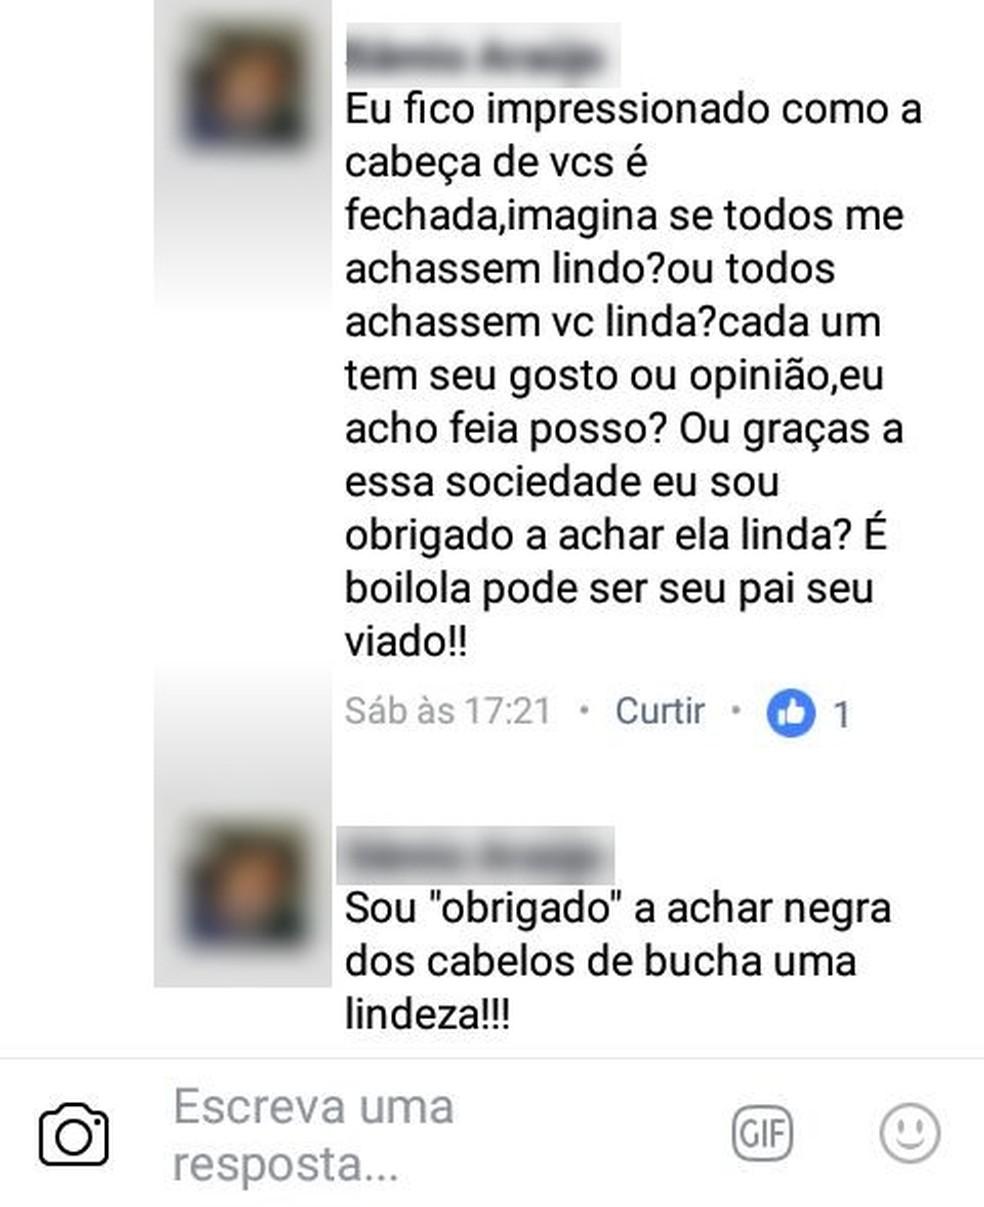 Internauta fez comentários preconceituosos contra a estudante no Facebook  (Foto: Reprodução/Facebook )